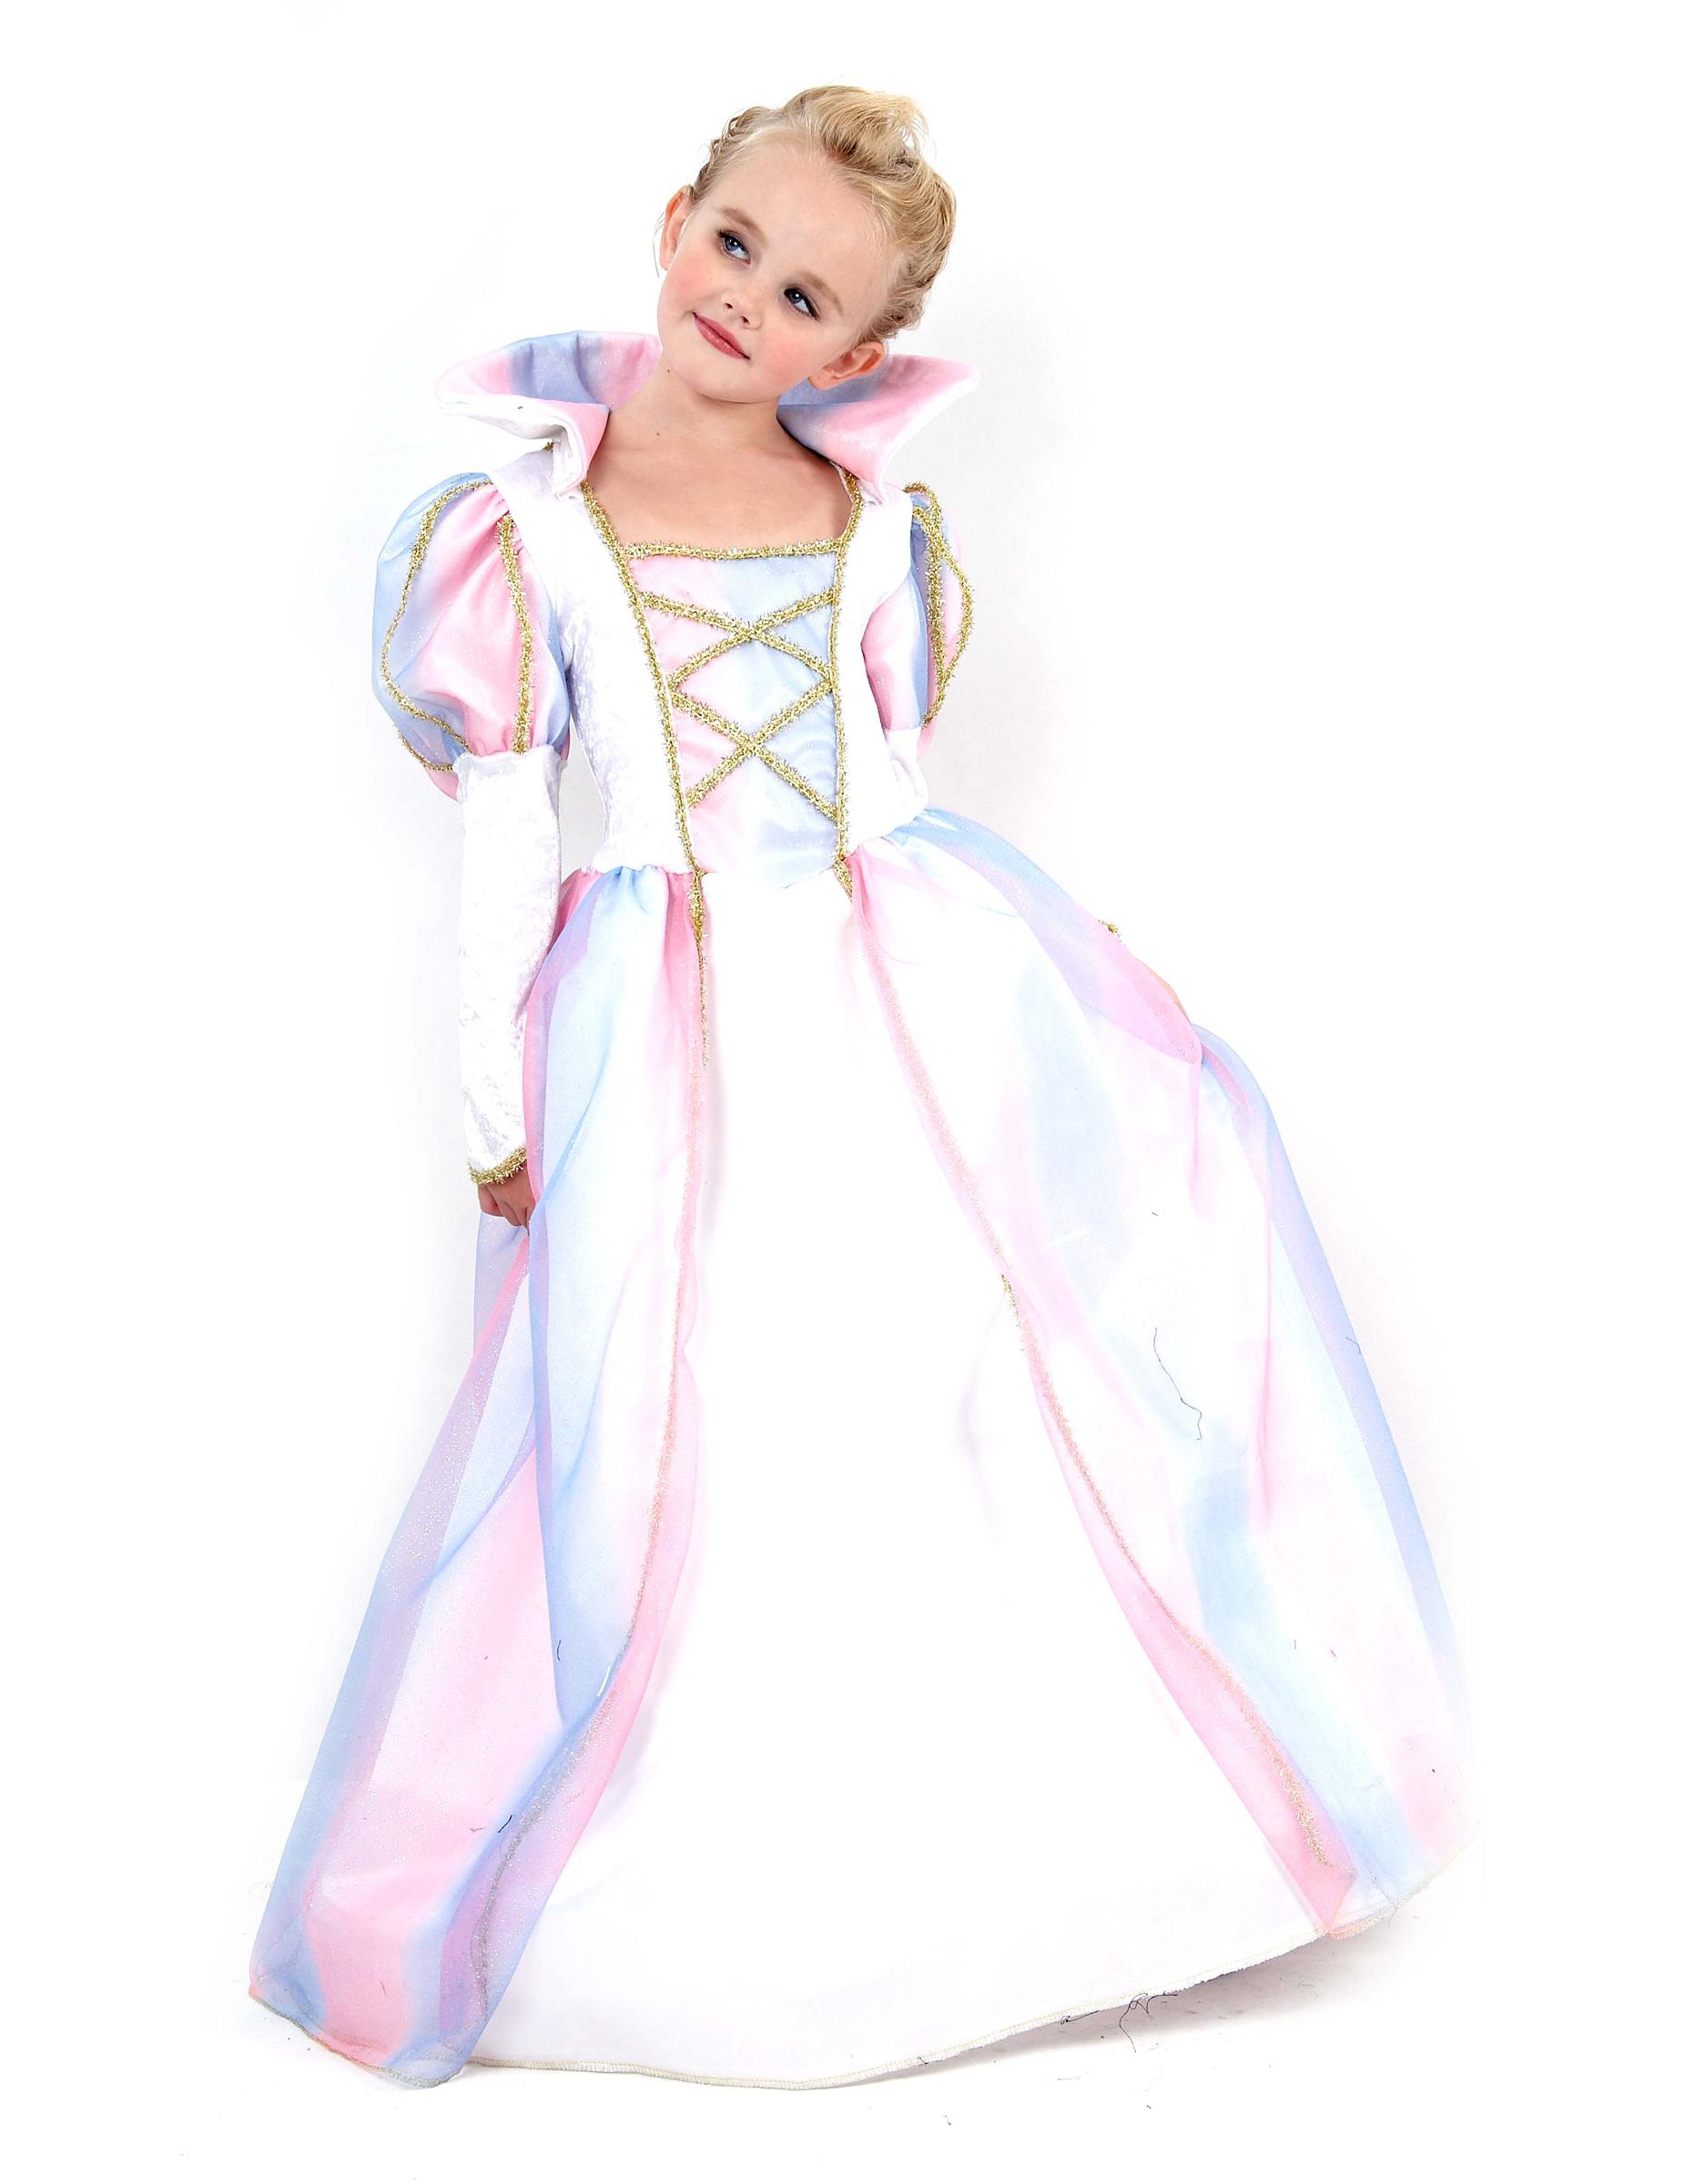 D guisement princesse fille achat de d guisements enfants sur vegaoopro grossiste en d guisements - Deguisement fille disney ...